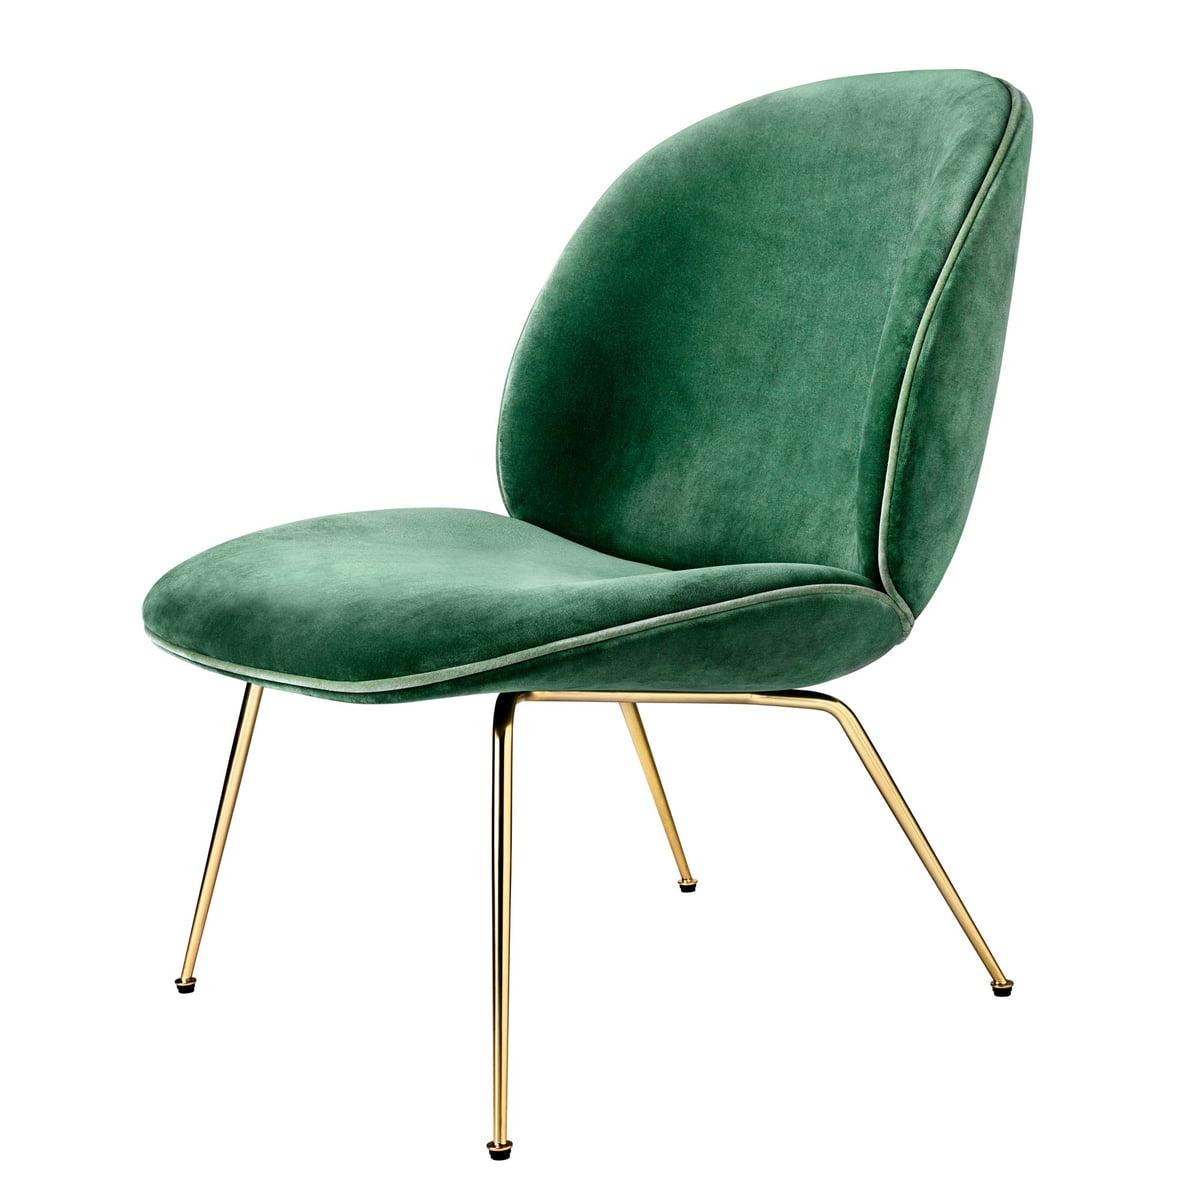 Køb den koniske Beetle stol fra Gubi